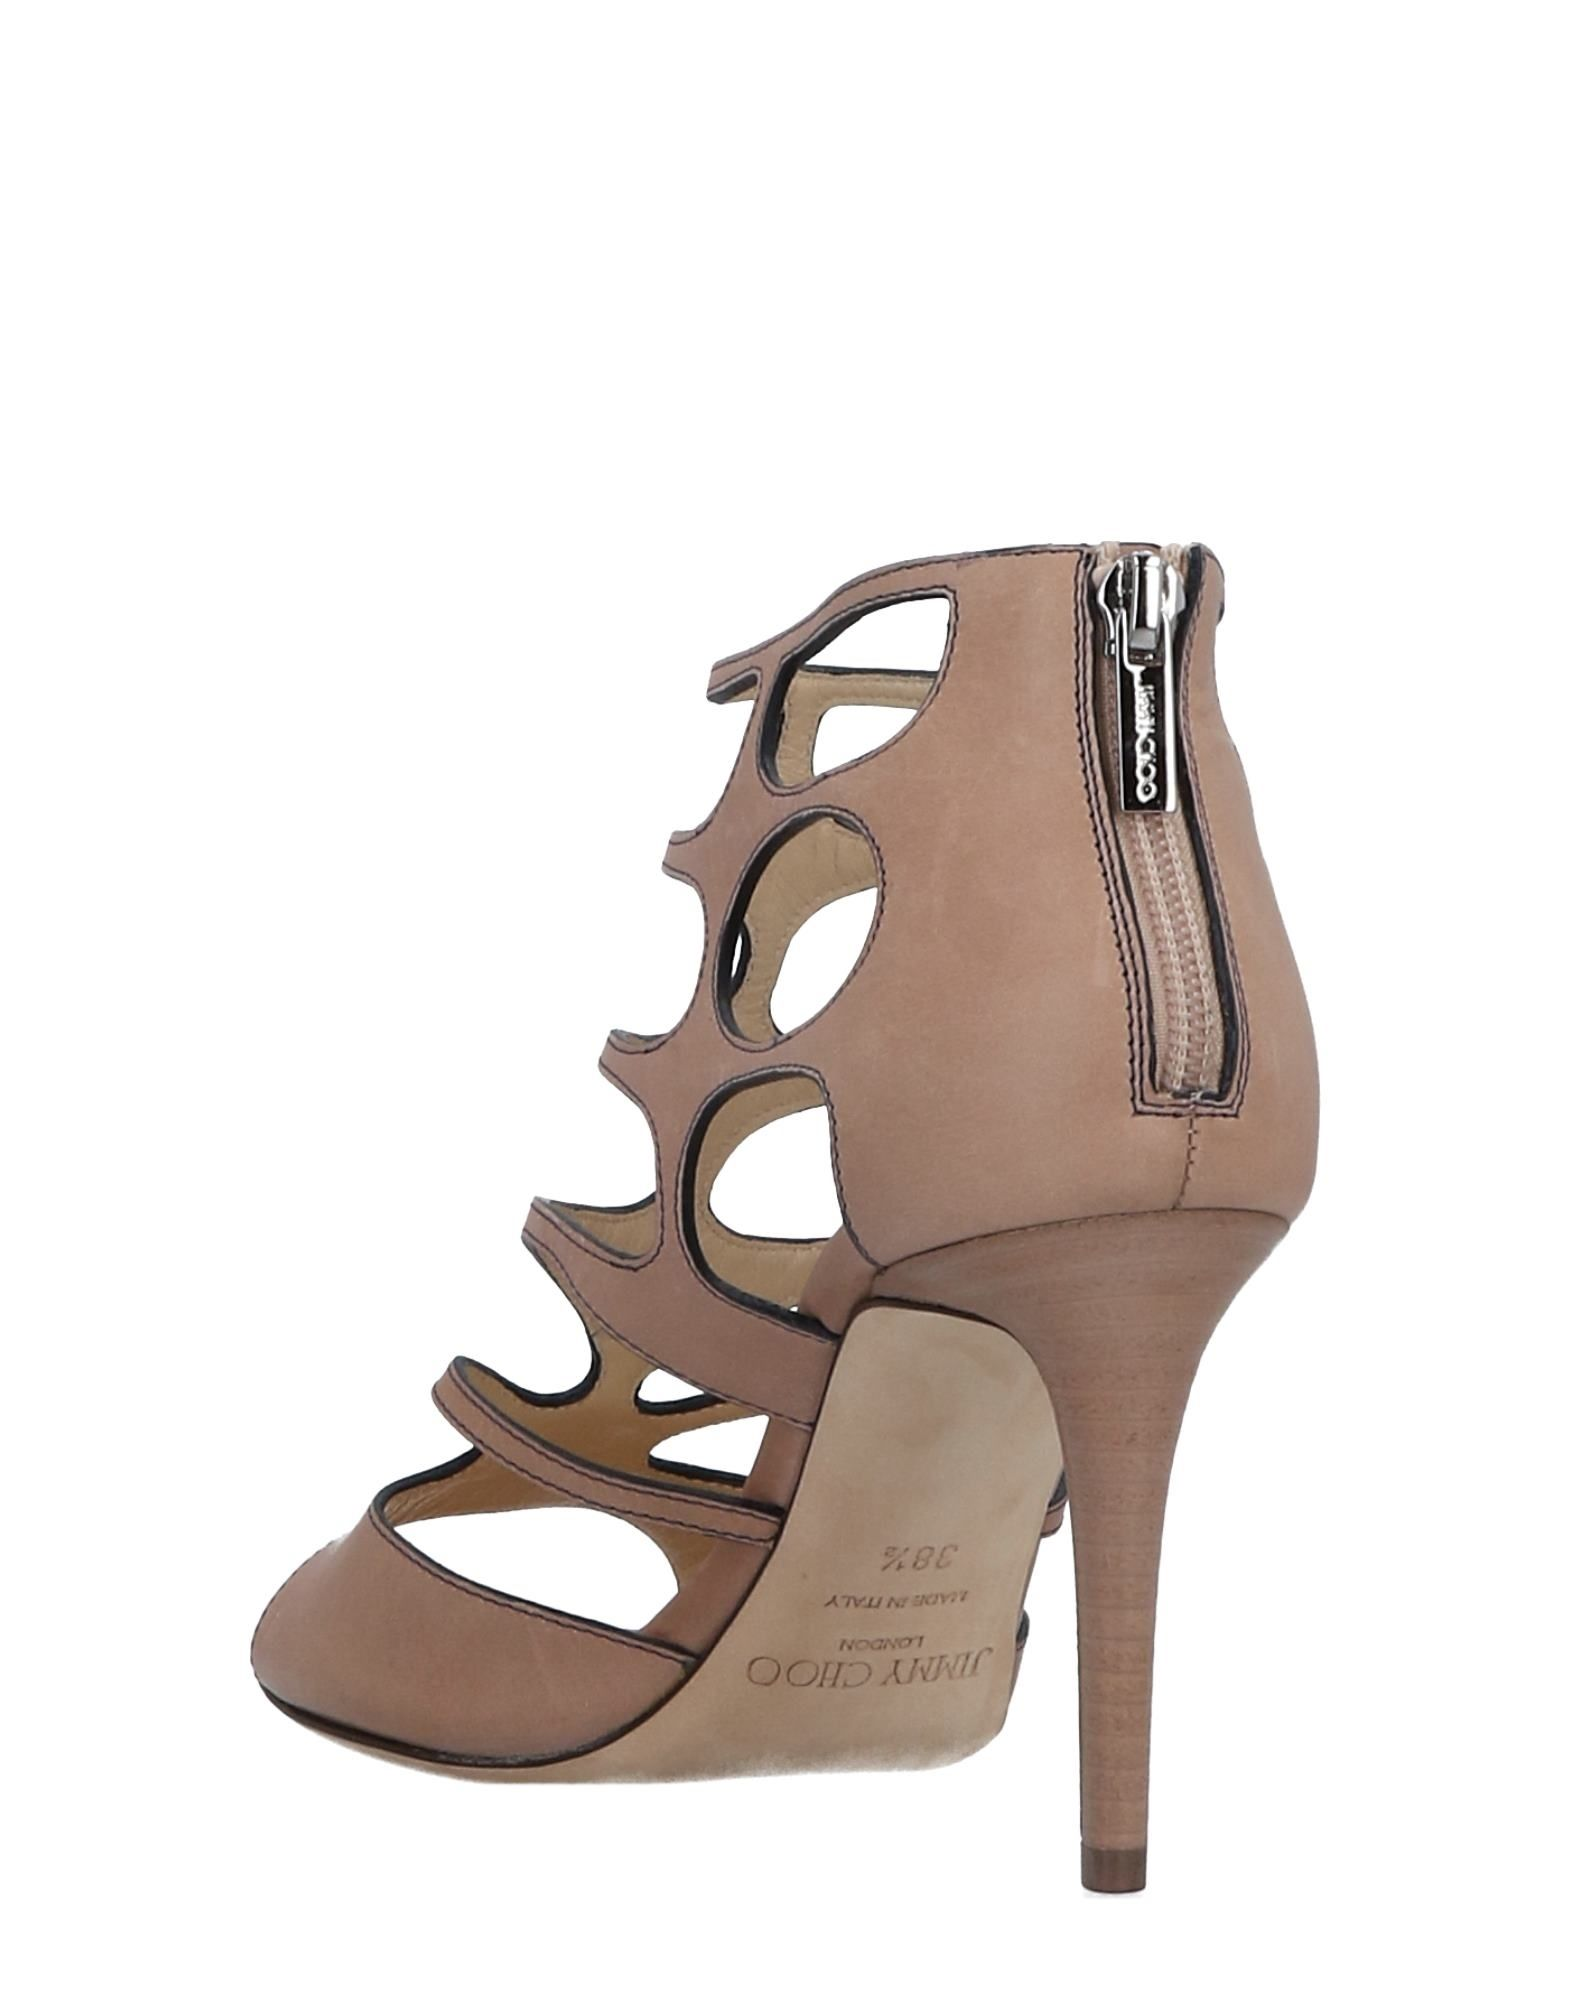 Jimmy Choo Sandalen Sandalen Sandalen Damen  11513033BH Beliebte Schuhe 73f77d